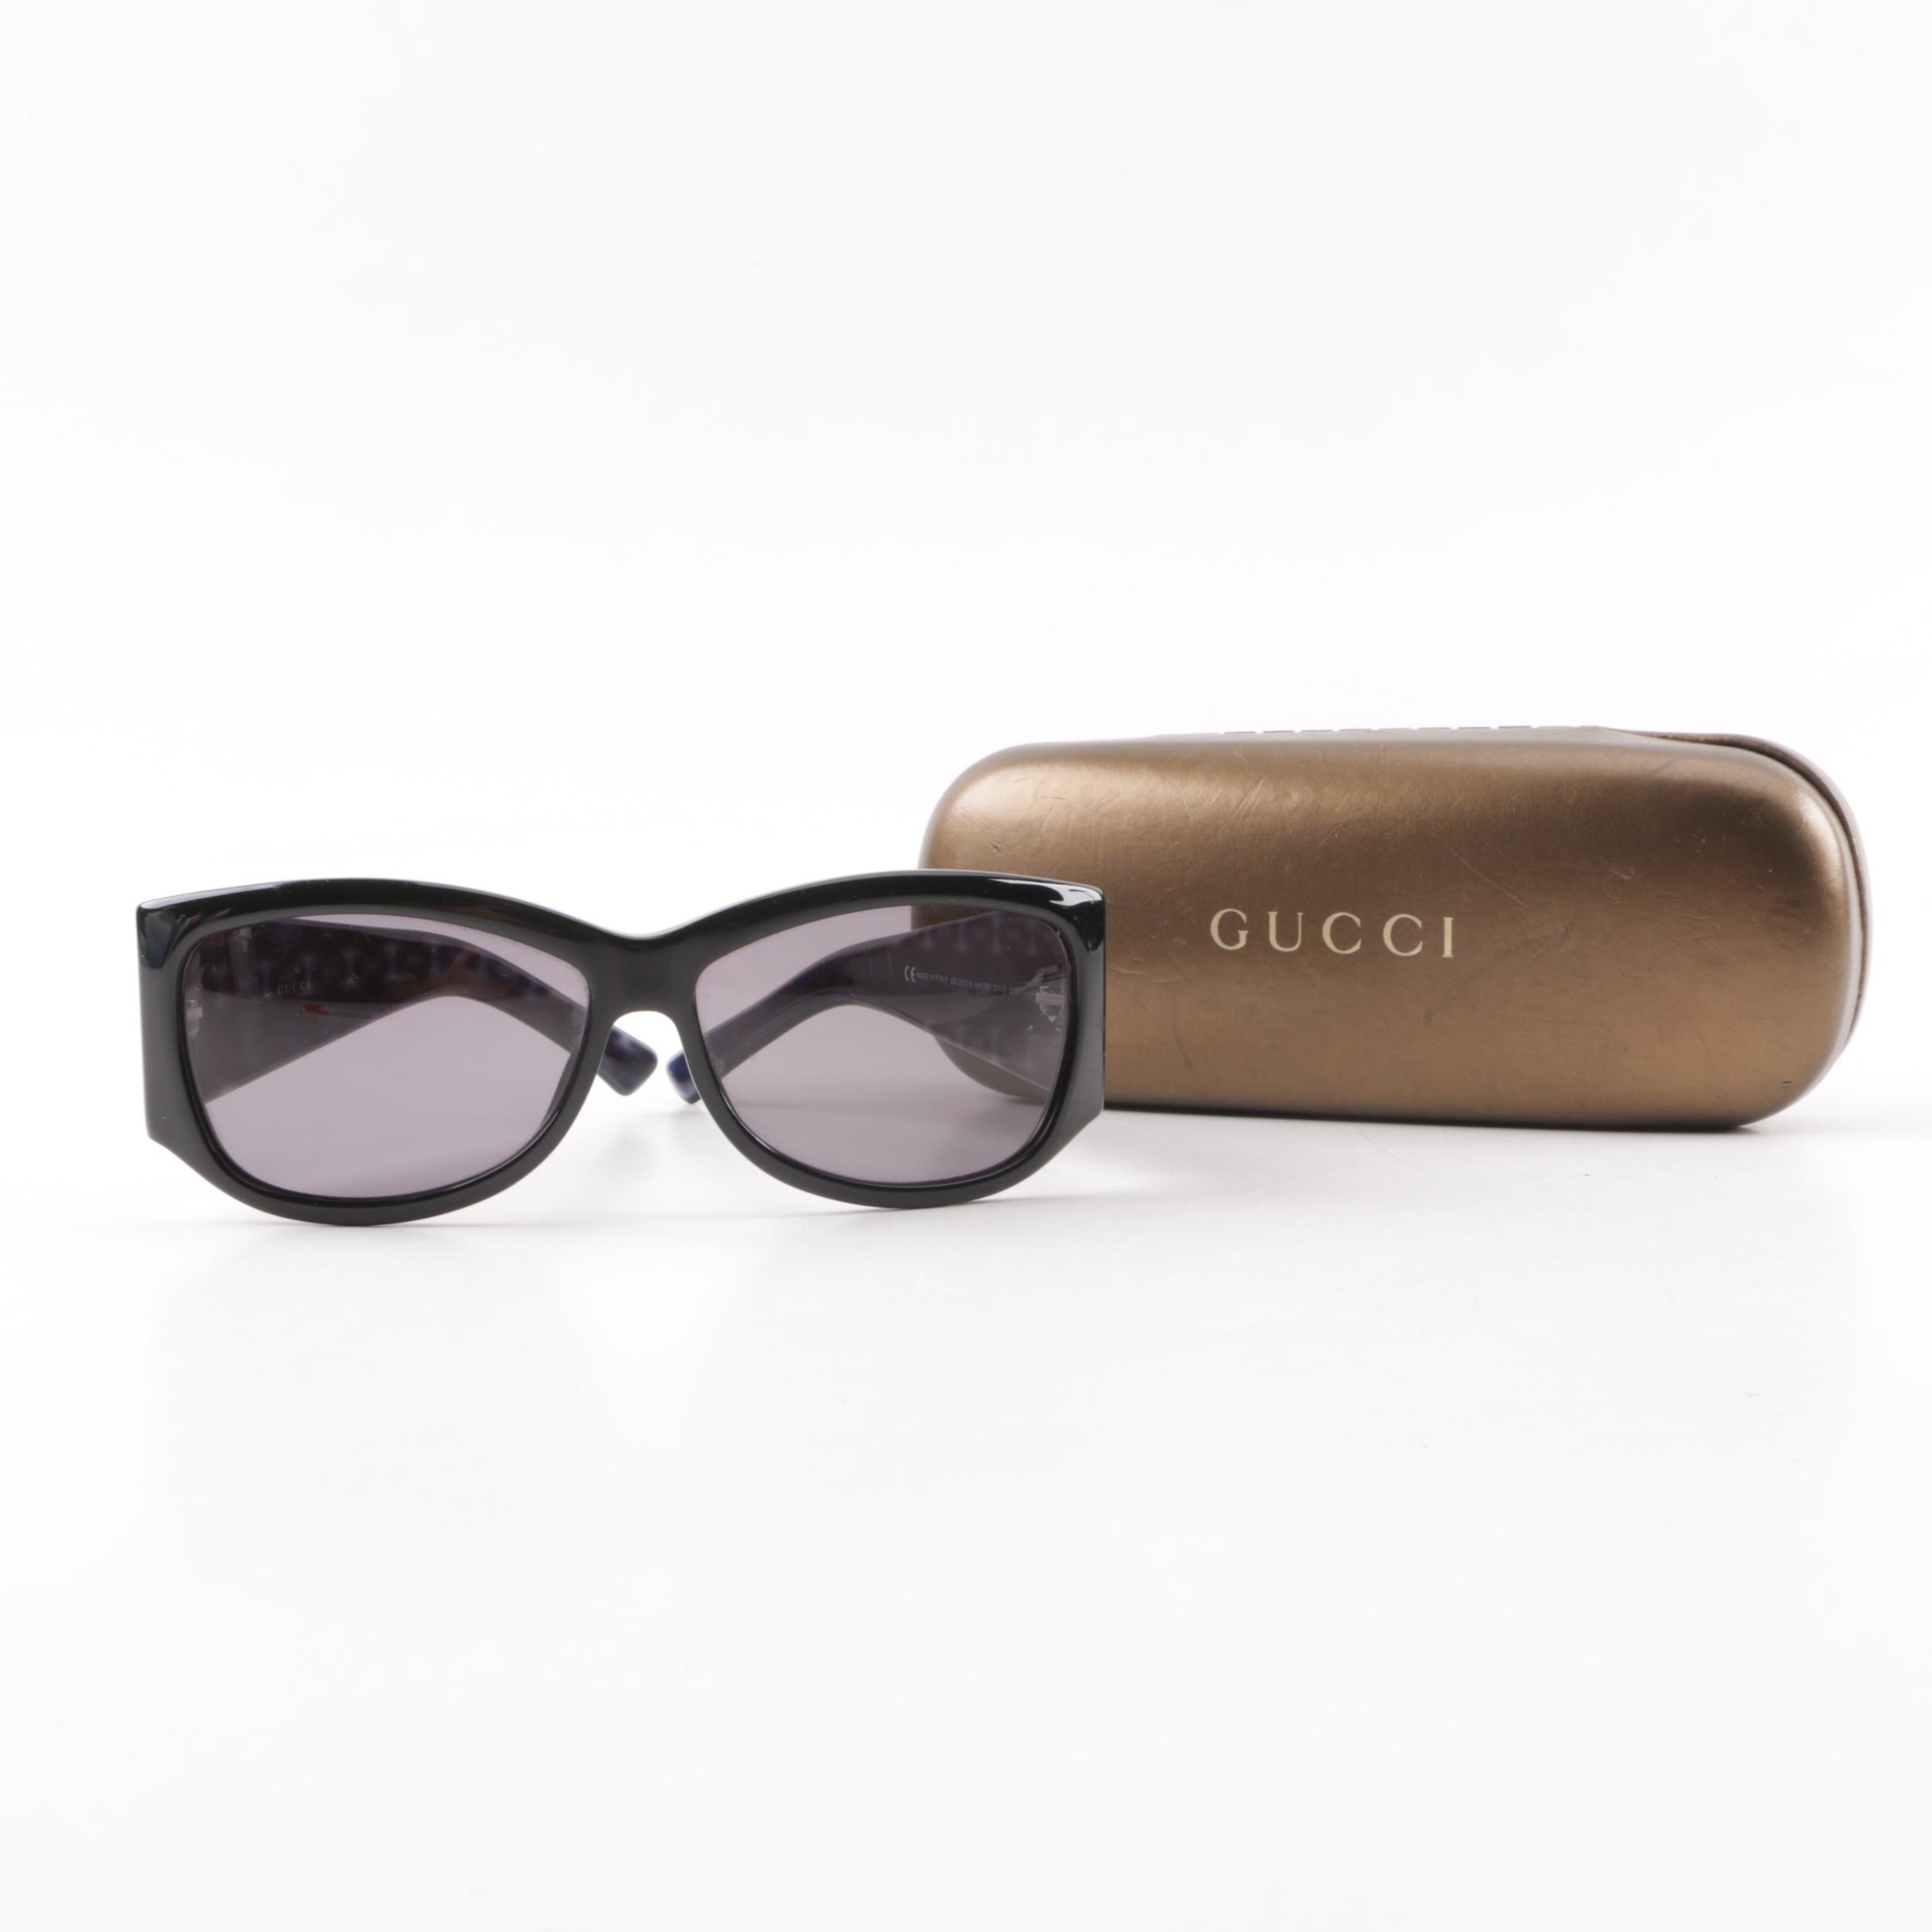 Gucci GG 2953/S Haobm Sunglasses with Case